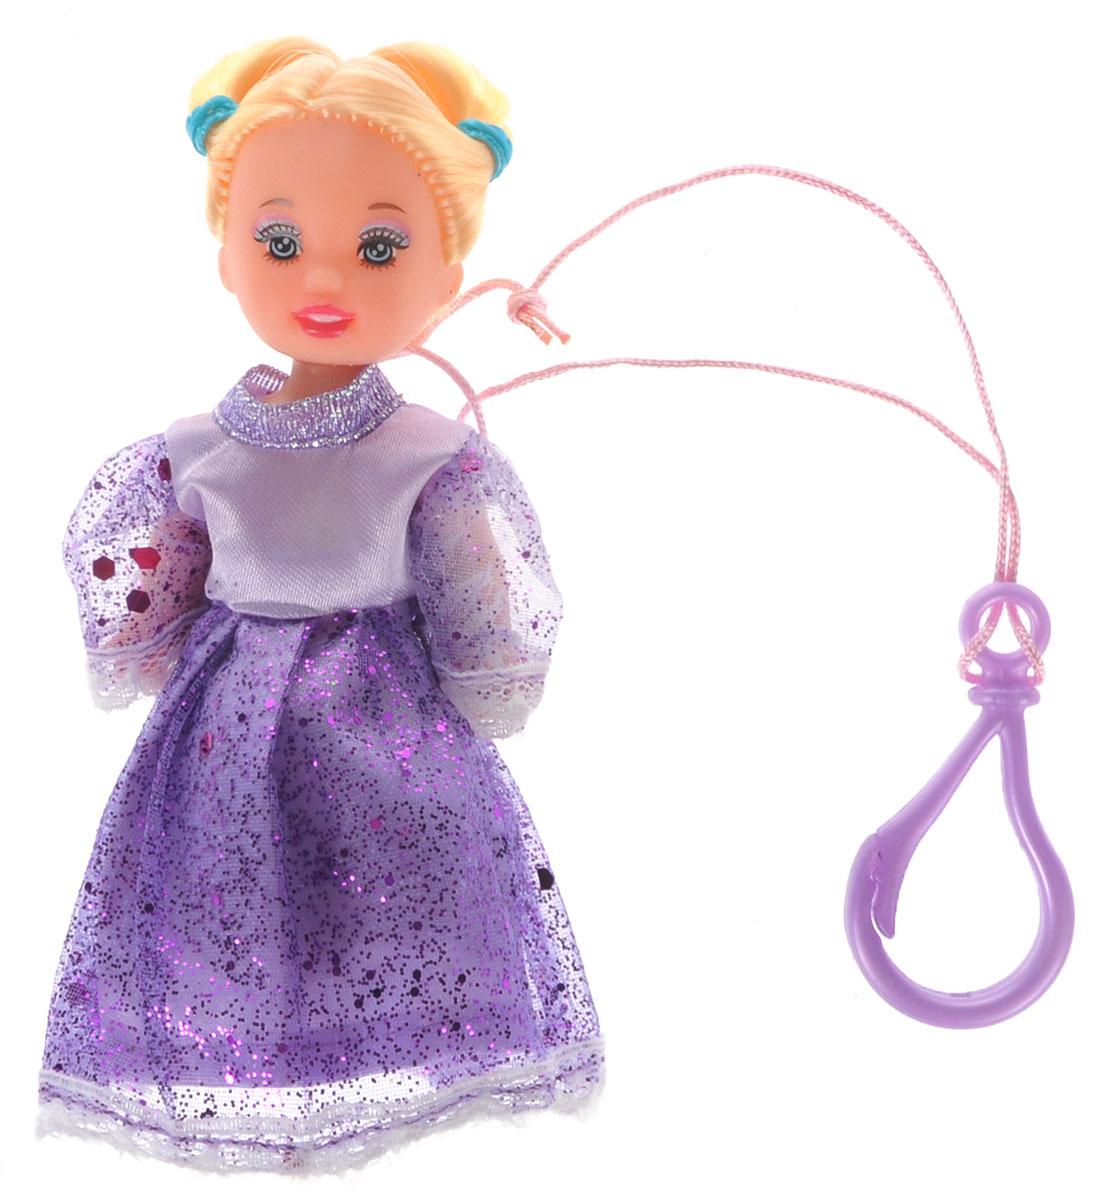 Defa Toys Мини-кукла Beily цвет платья сиреневый